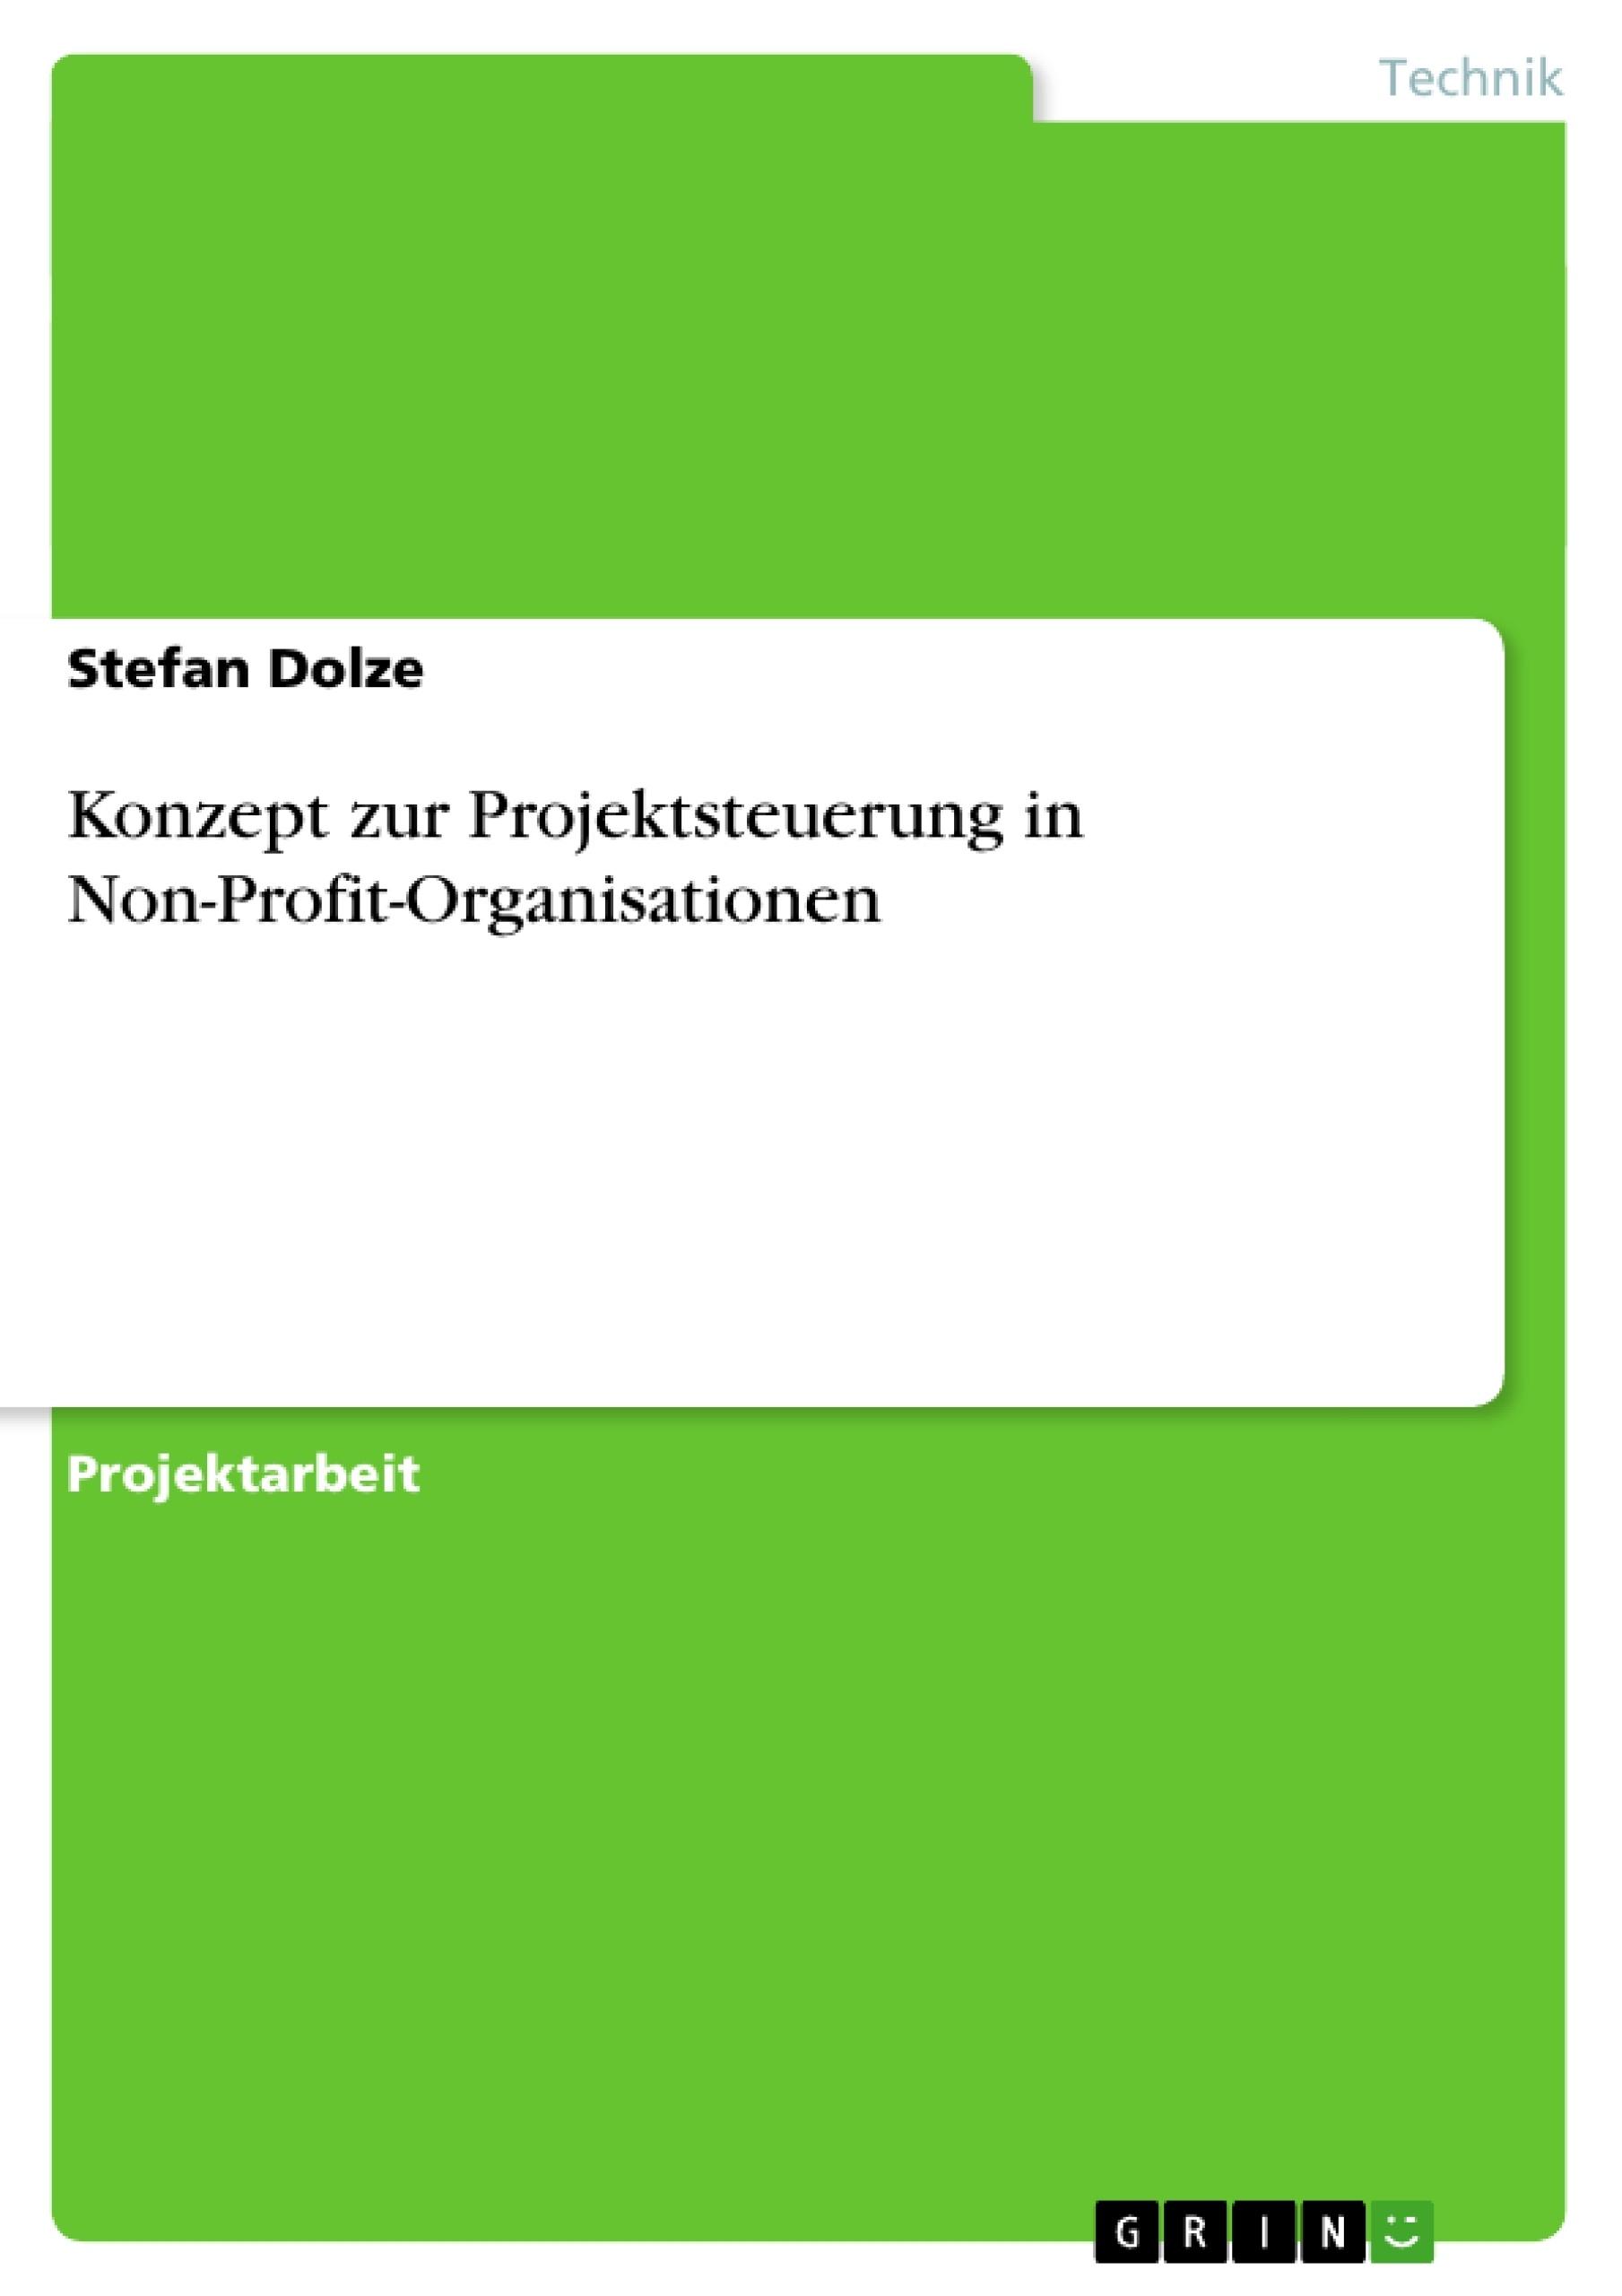 Titel: Konzept zur Projektsteuerung in Non-Profit-Organisationen